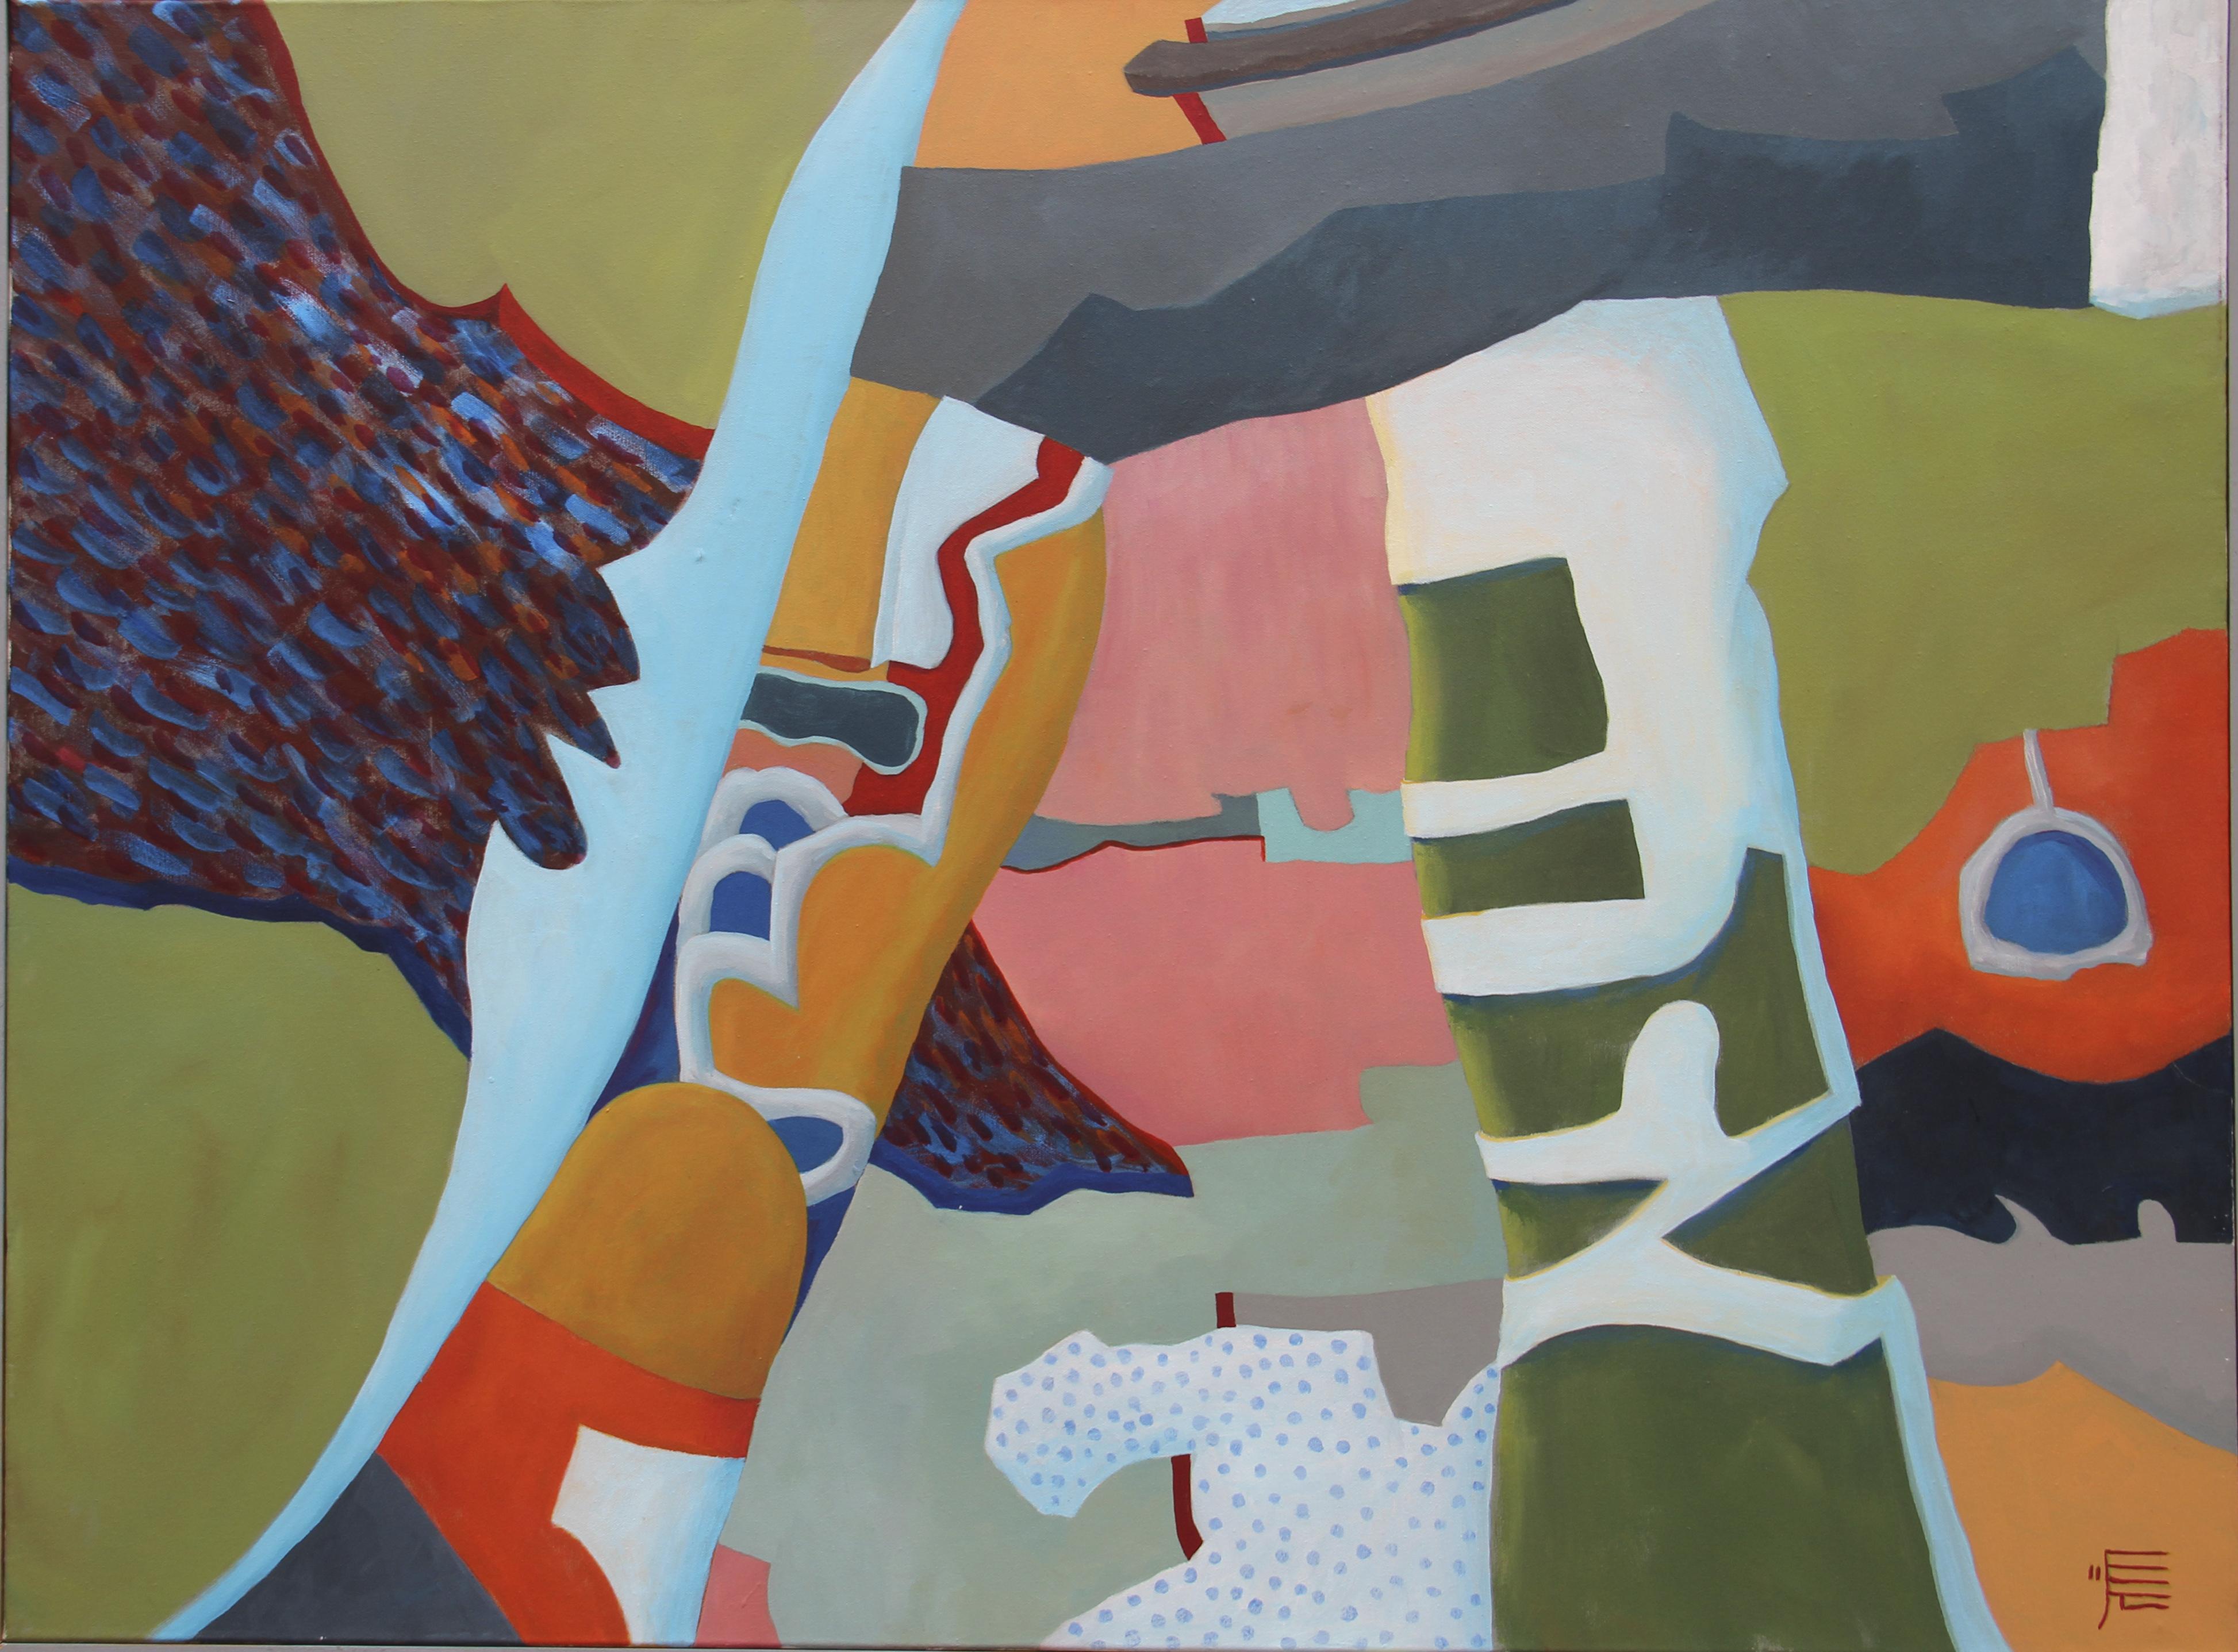 Geheimnisse in der dritten Schicht des Marmors, 2011, Acryl auf Leinwand, 100 x 130 cm